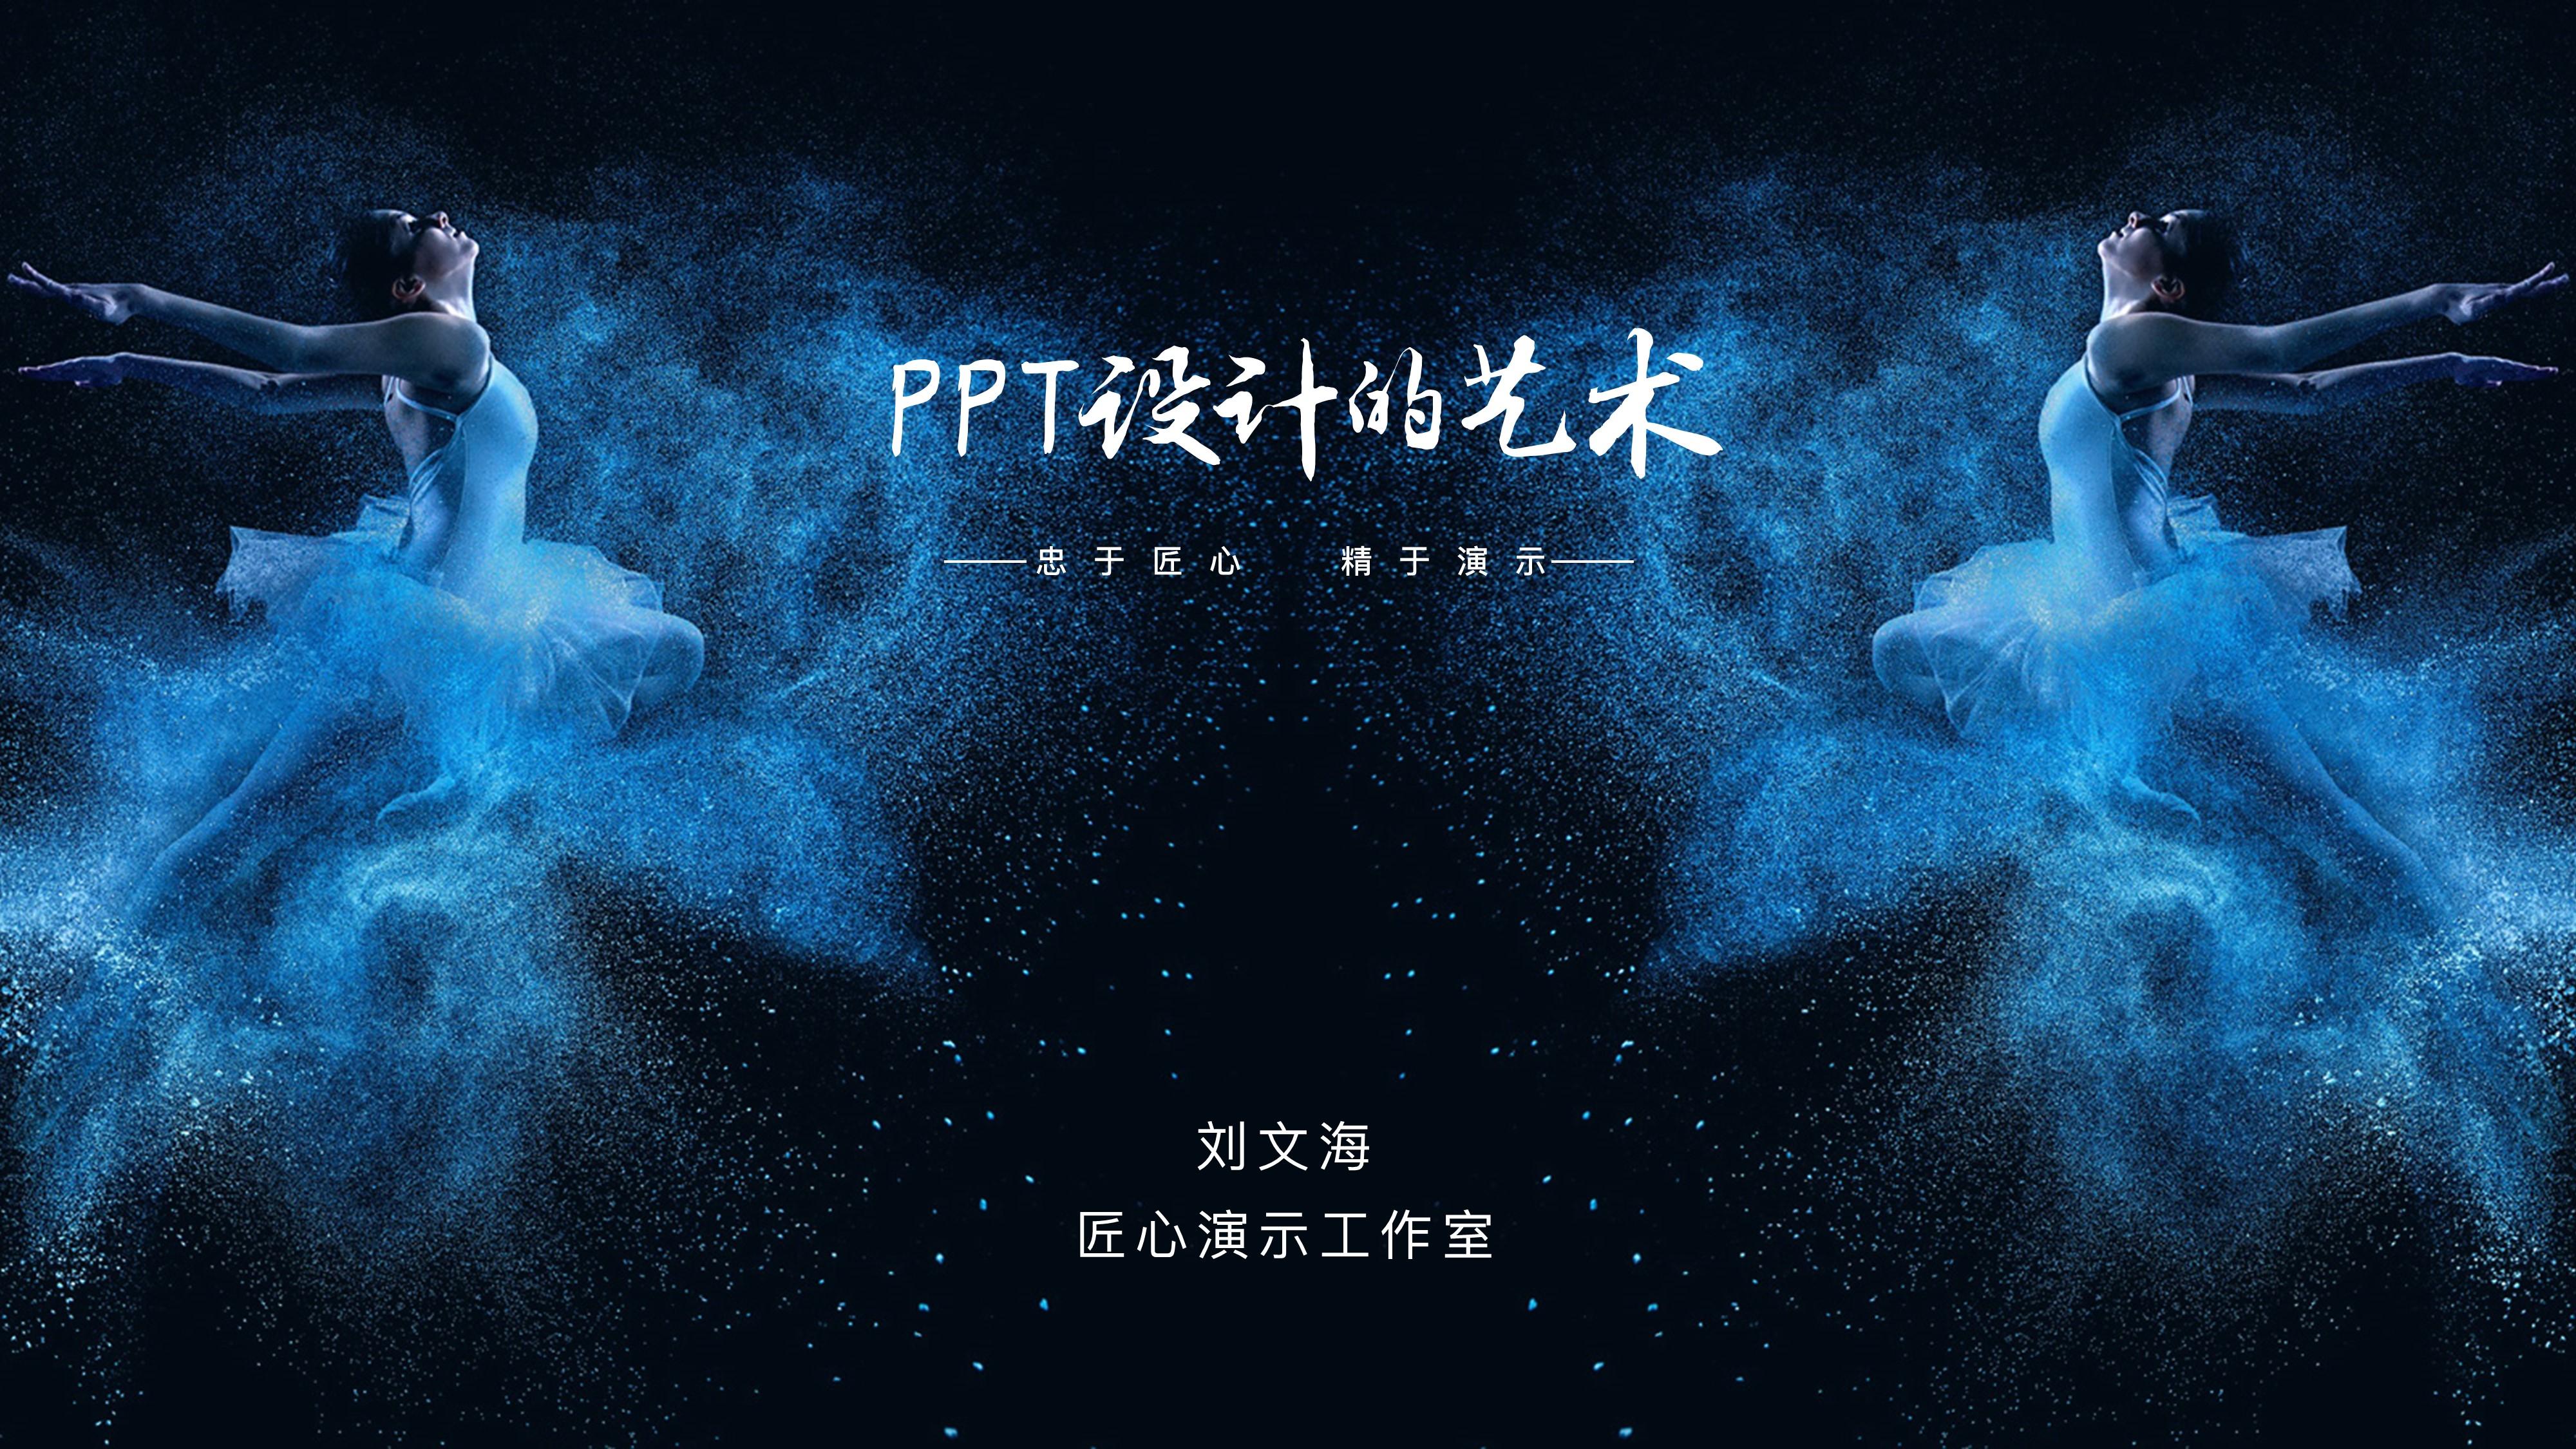 PPT设计的艺术【图片篇】